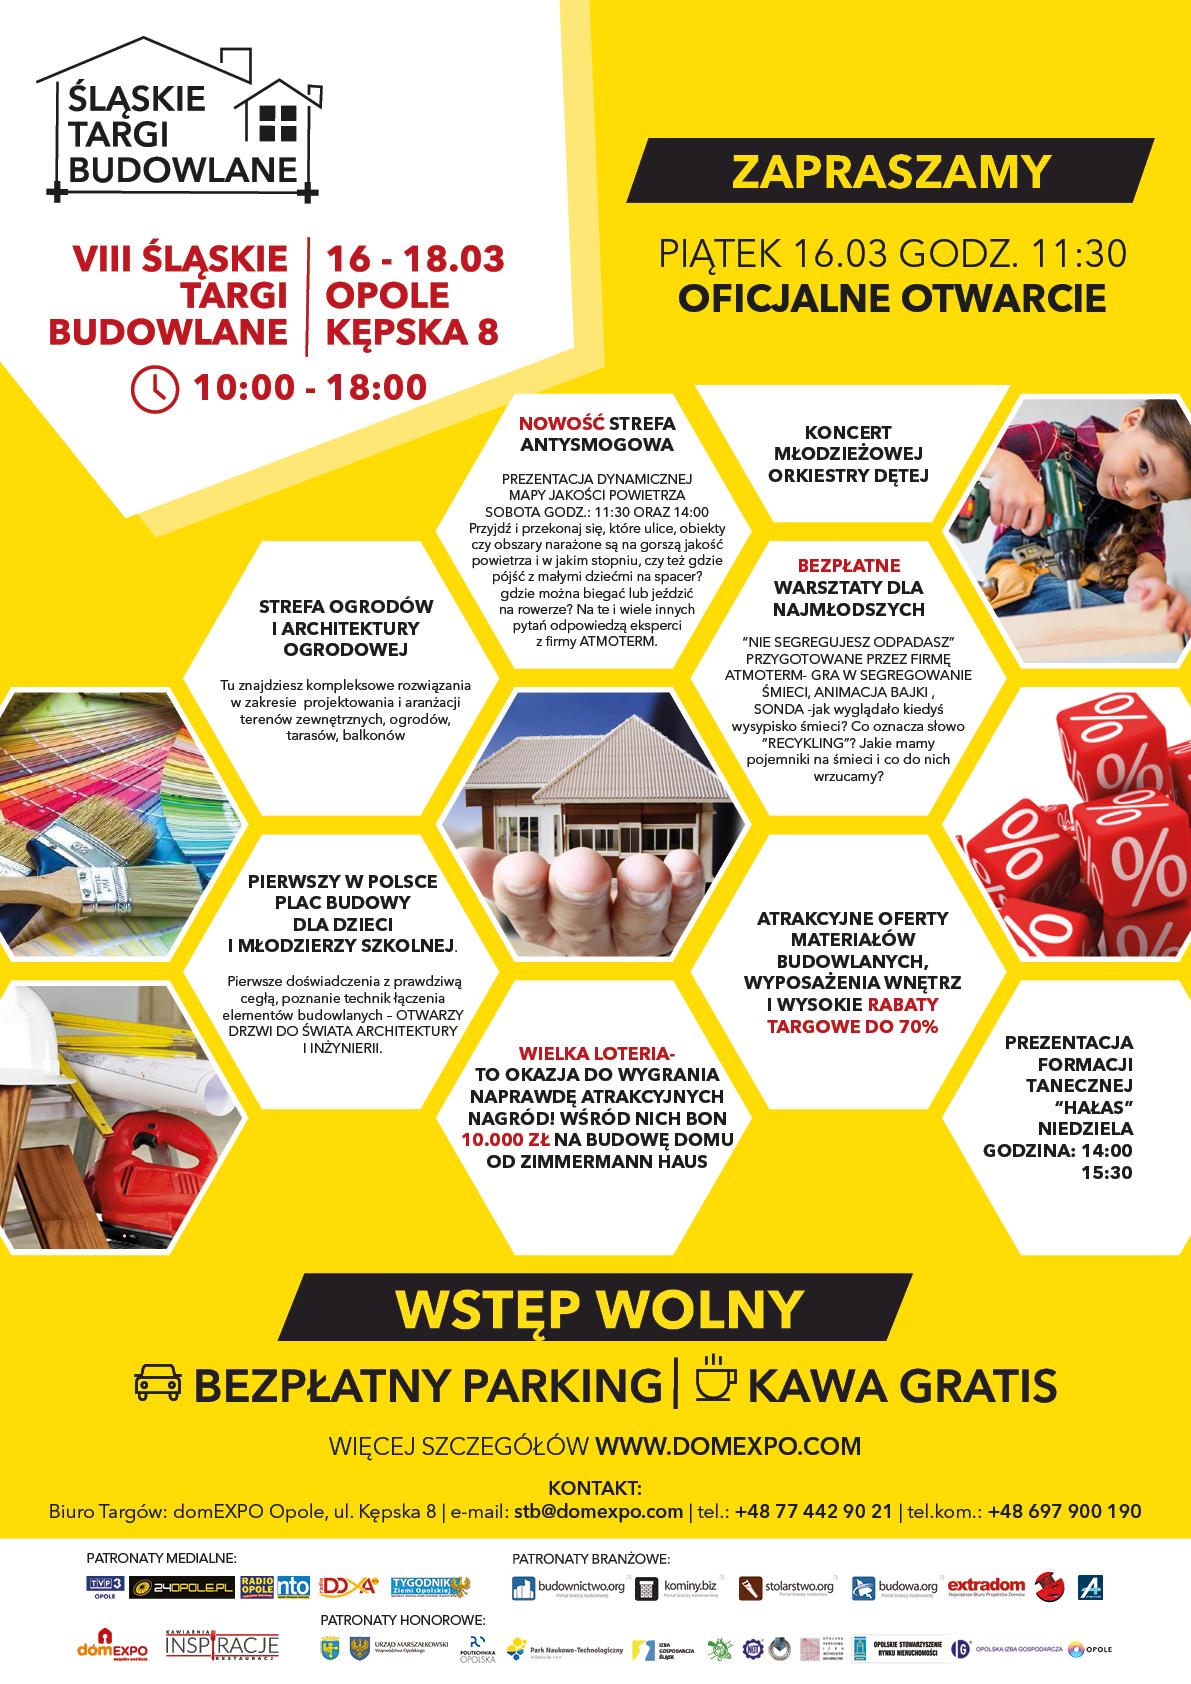 VIII Śląskie Targi Budowlane pod patronatem Radia Opole potrwają od 16 do 18 marca